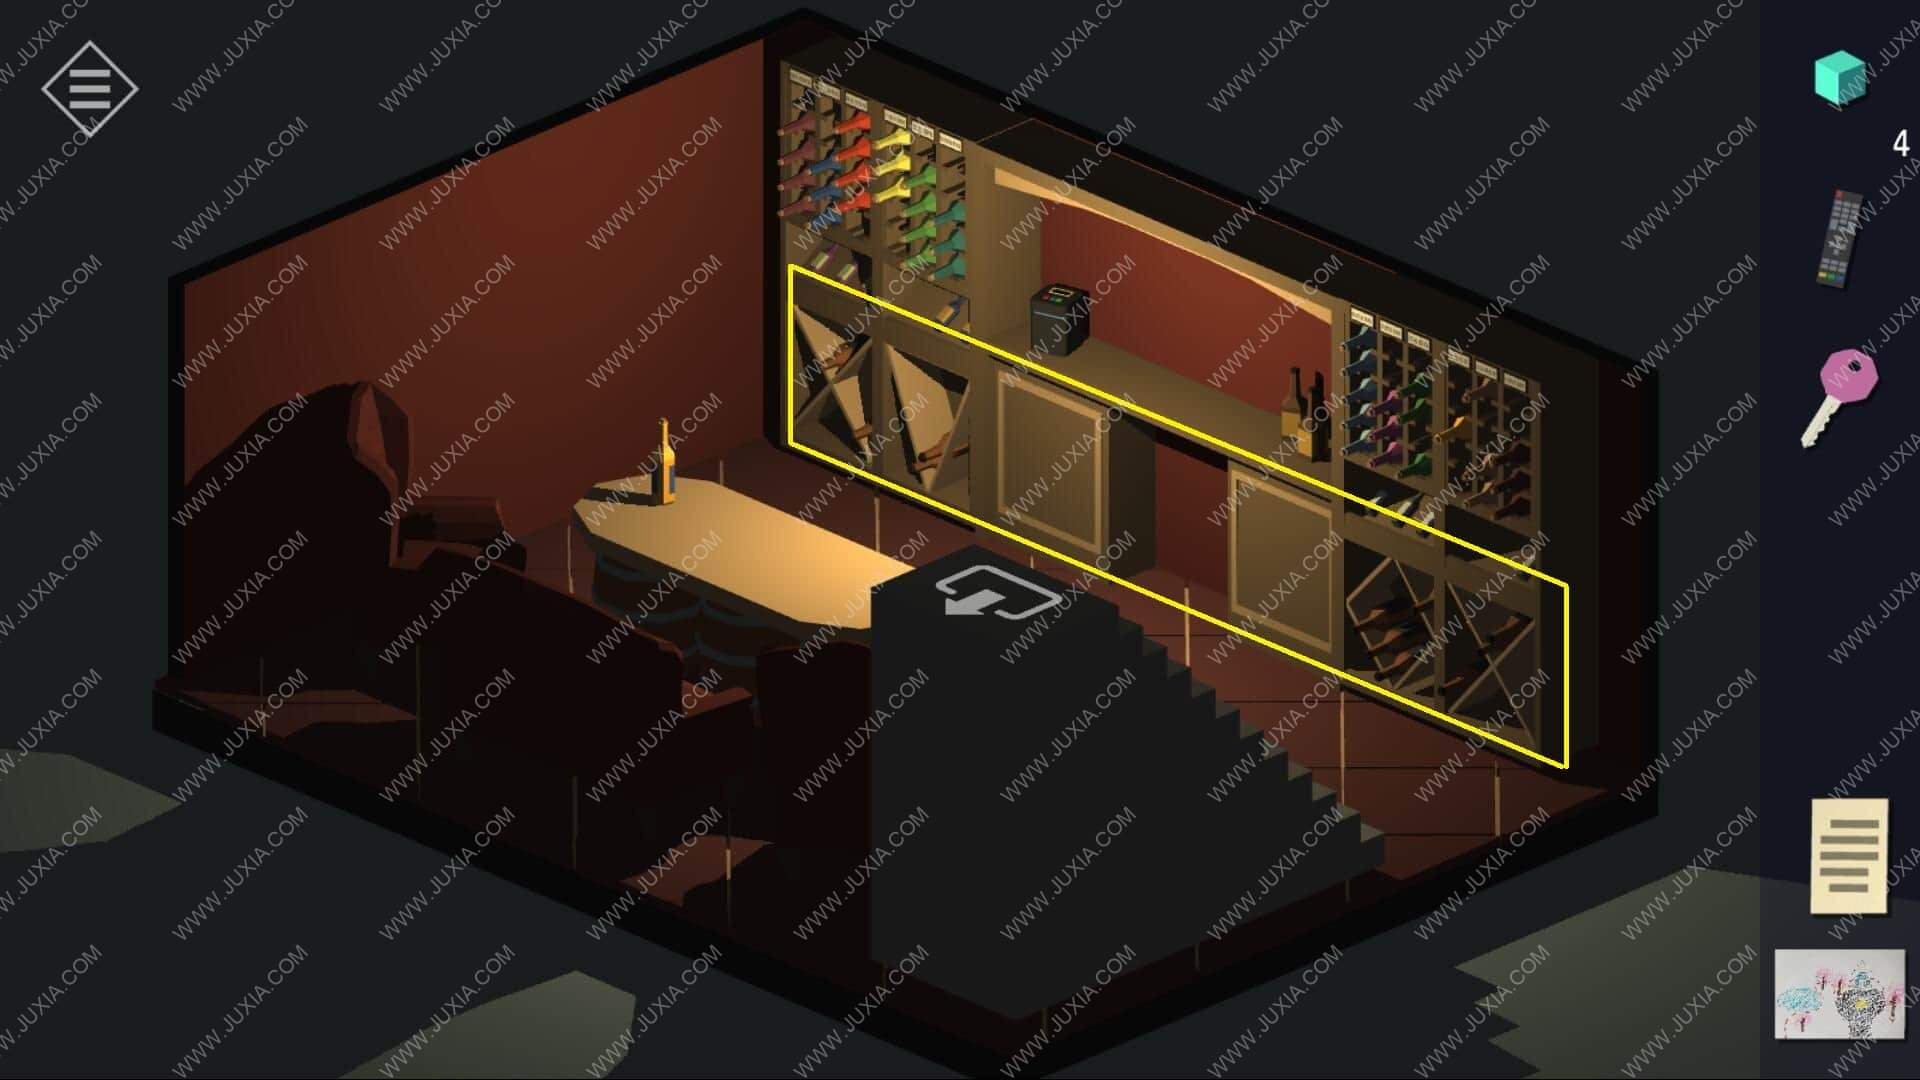 小房间故事攻略第十章图文 TinyRoom第二季第十章攻略1